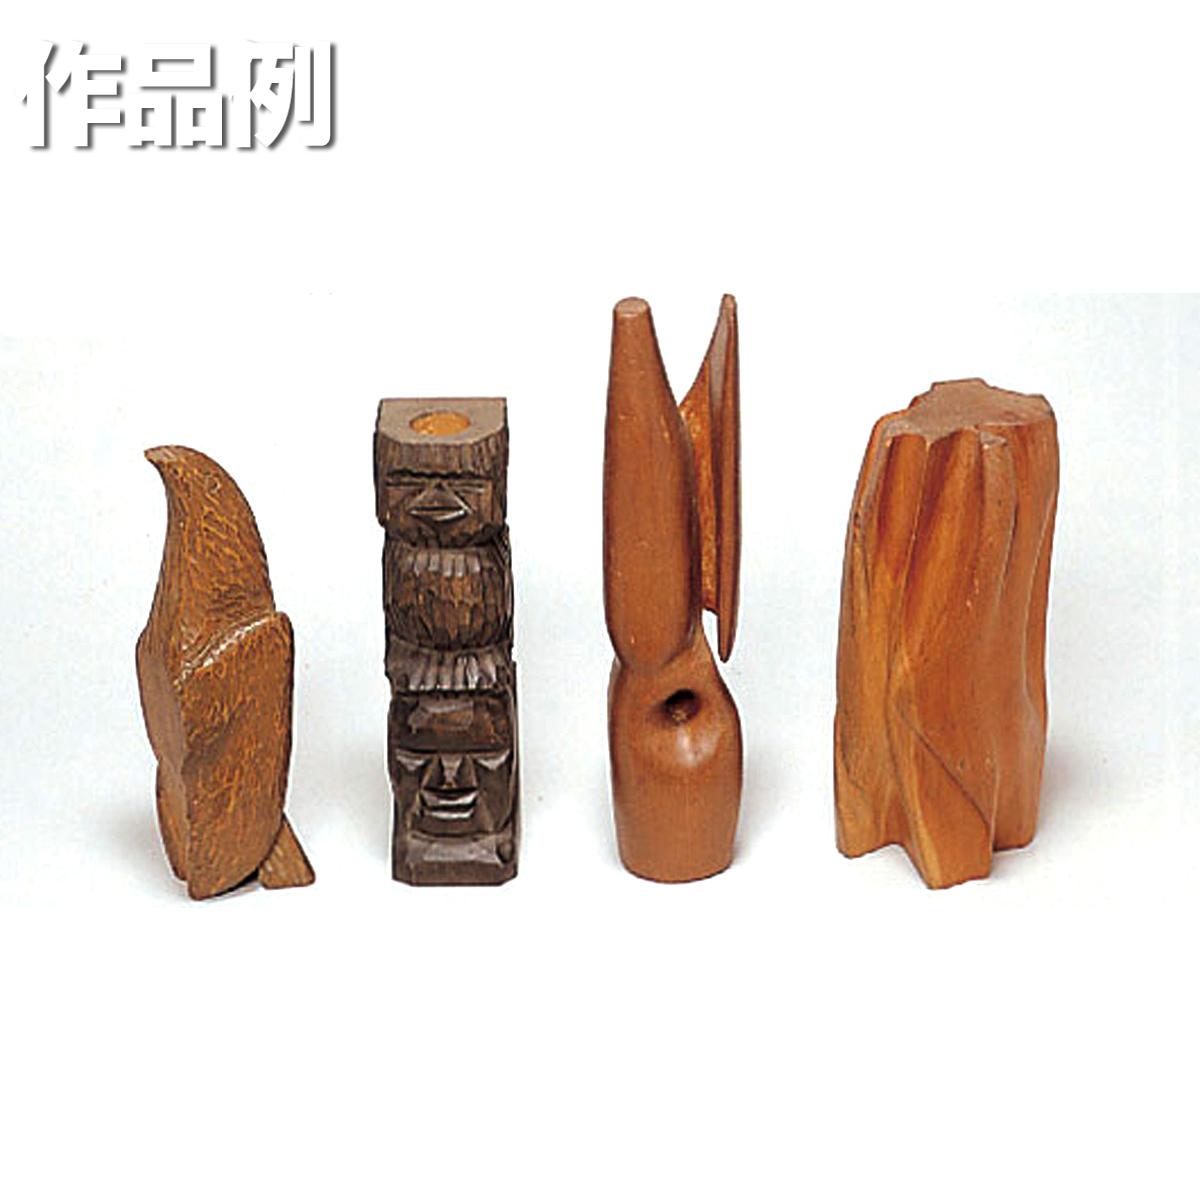 大特価!! 自由工作や木工作品作りに 桂 角材 D 約100x100x200mm 単品 タイムセール 木工 木材 板 DIY 手作り